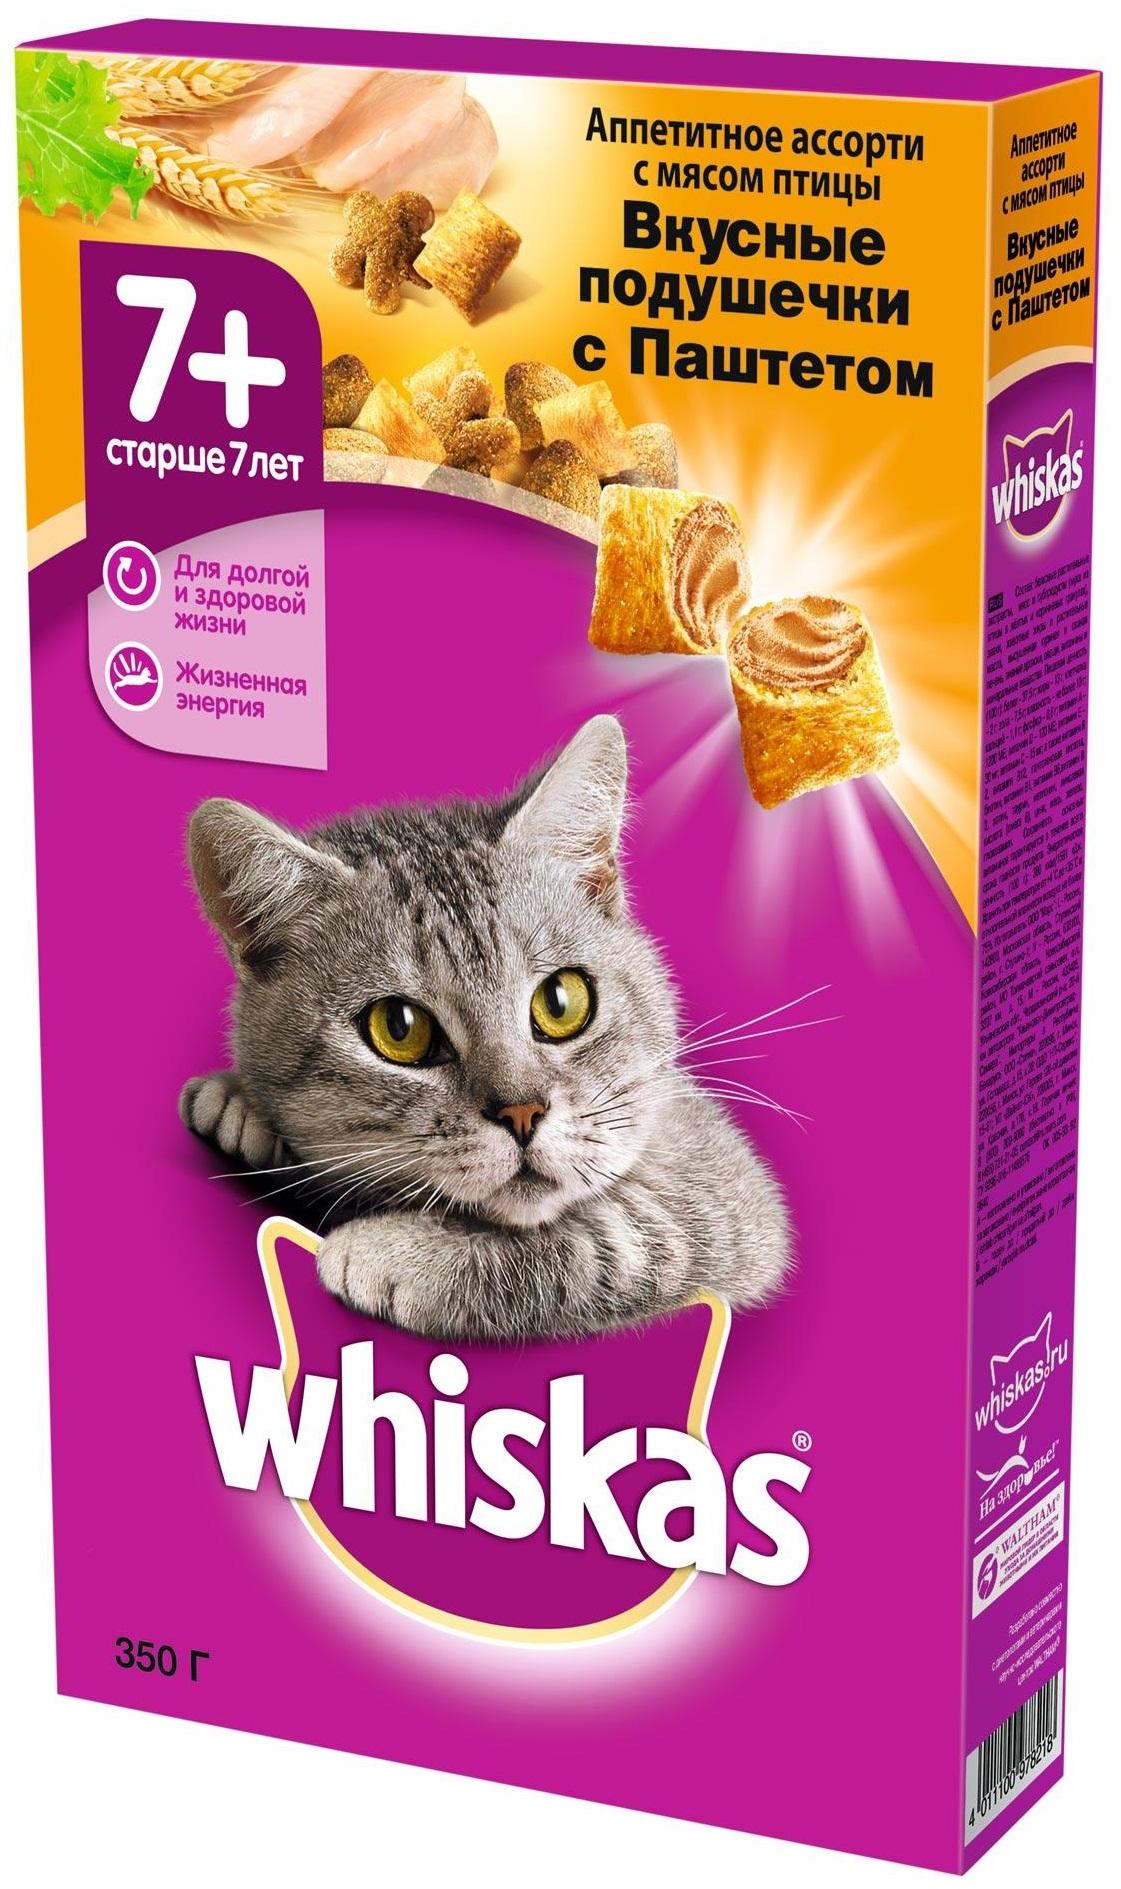 Корм сухой для кошек Whiskas Вкусные подушечки, с нежным паштетом, с мясом птицы, 350 г39004Корм сухой Whiskas Вкусные подушечки, с нежным паштетом, с мясом птицы предназначен для кошек старше 7 лет. С возрастом способность кошки к усвоению пищи и распределению энергии уменьшается. Поэтому она нуждается в высококачественном и легко усвояемом корме, разработанном специально для кошек старше 7 лет. Состав: пшеничная мука, мука из птицы (минимум ;% в коричневых гранулах), мука мясокостная, белковые растительные экстракты, рис, животные жиры и растительное масло, пивные дрожжи, витамины, минеральные вещества, таурин. Пищевая ценность (100г): белки - 35,5 г; жиры - 13 г; клетчатка - 2 г; зола - 7,5 г; влажность - не более 10 г; кальций - 1,1 г; фосфор - 0,8 г; линолевая кислота - 0,8 г; цинк - 10 мг; витамин А - 1200 МЕ; витамин D - 120 МЕ; витамин Е - 30 мг; витамин С - 15 мг; а также витамин В2, В12, пантотеновая кислота, биотин, витамин В1, В6, В3, холин, таурин, метионин, цинк, медь, железо, глюкозамин. Энергетическая ценность (100 г): 380 ккал. Вес упаковки: 350 г. Товар сертифицирован.